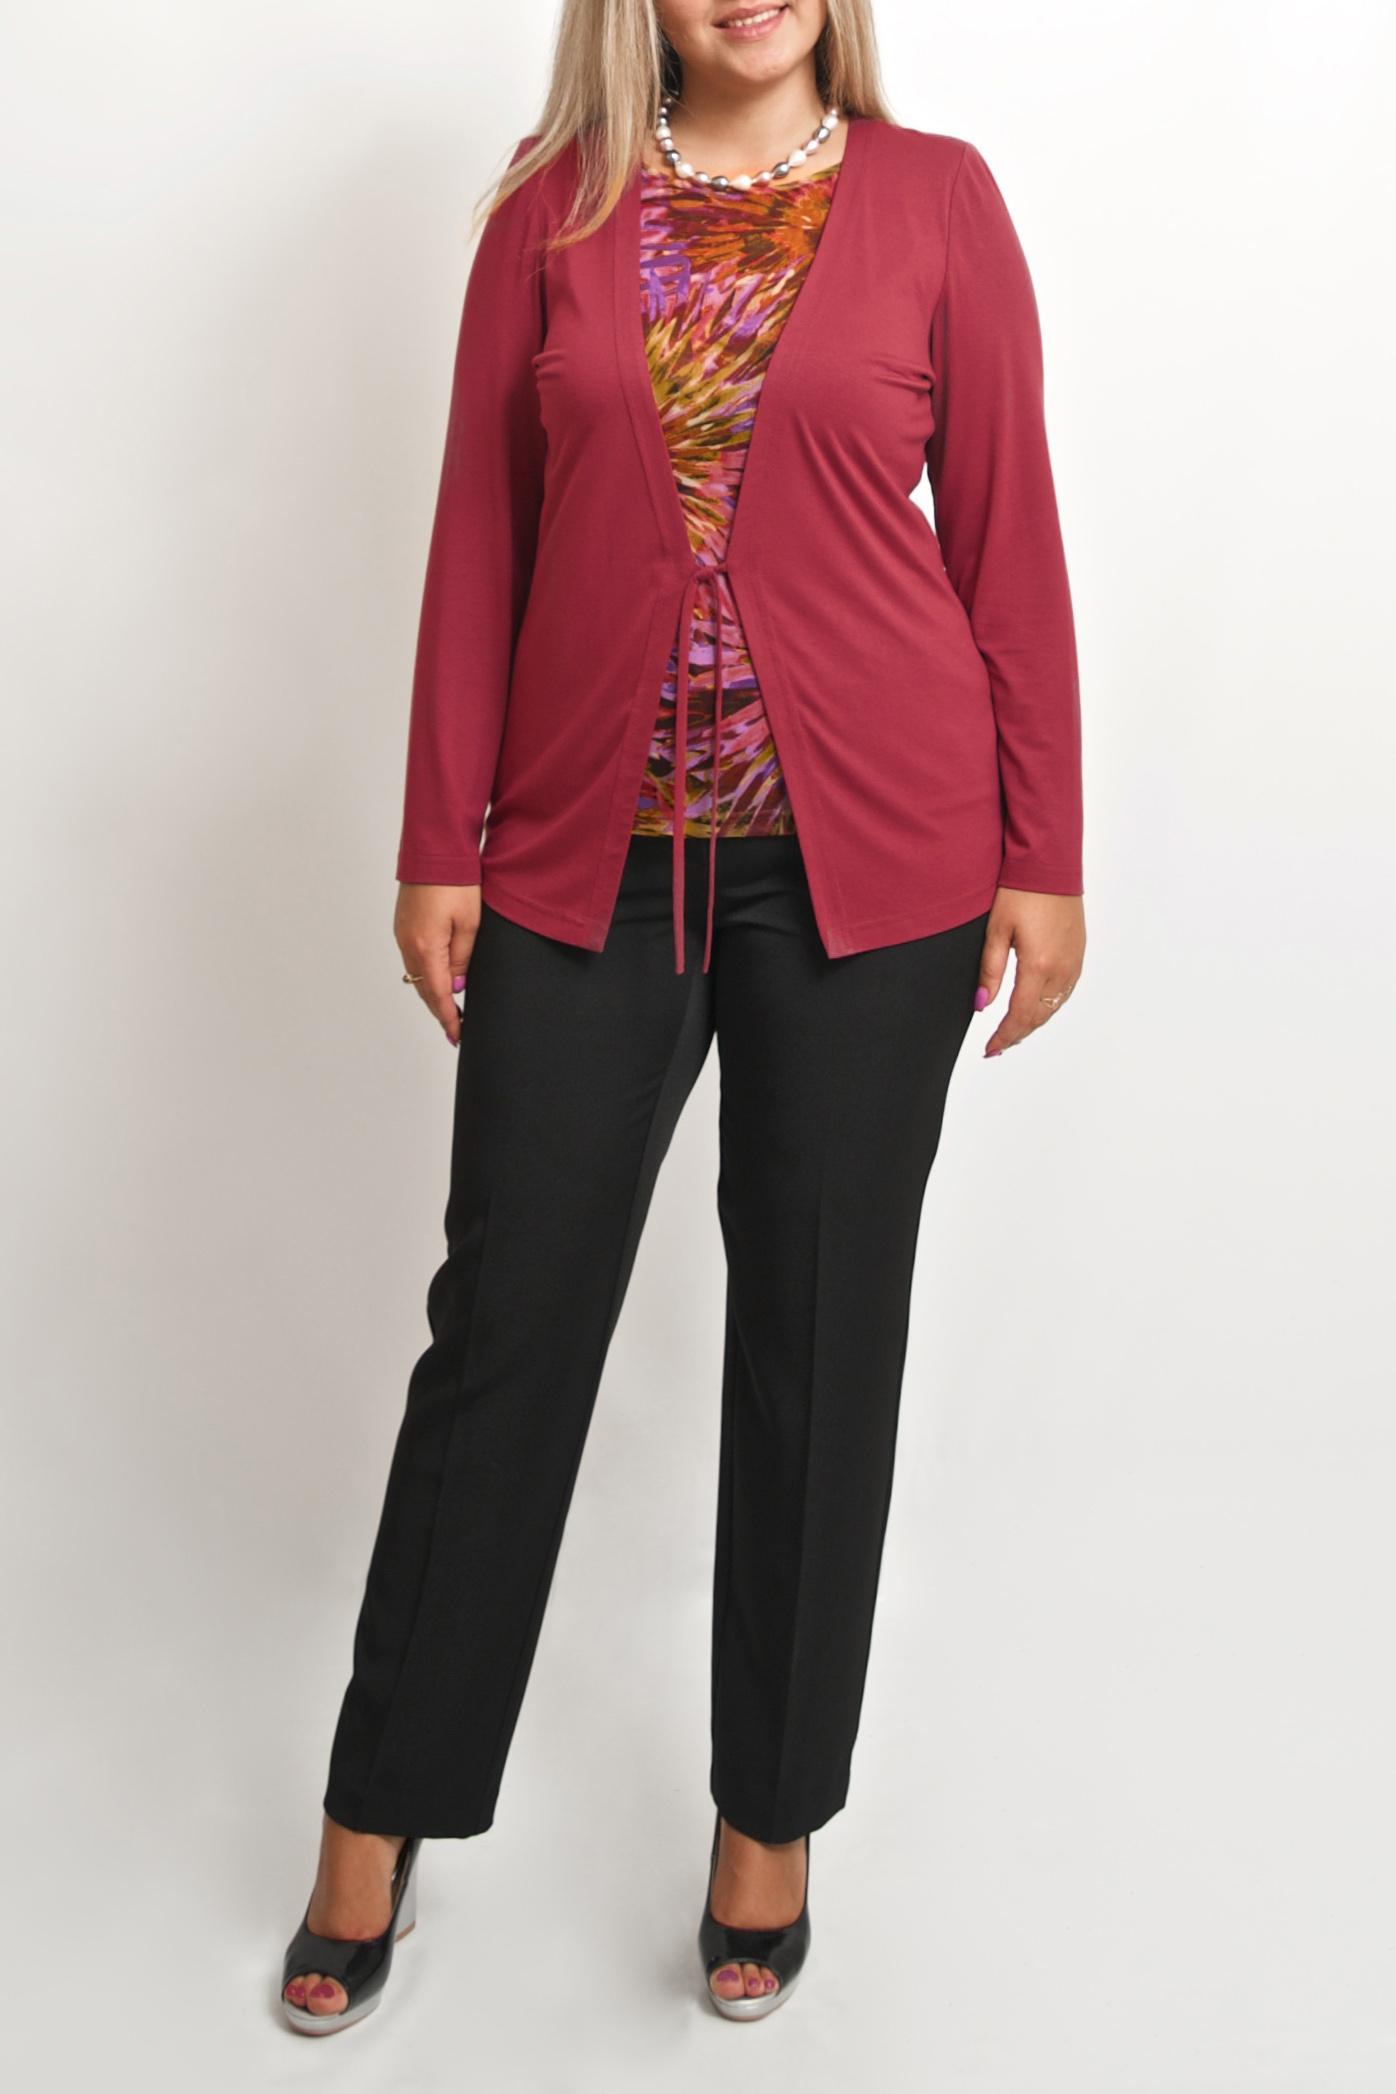 БлузкаБлузки<br>Интересная блузка с имитацией кардигана и блузки. Модель выполнена из приятного материала. Отличный выбор для повседневного гардероба.  В изделии использованы цвета: бордовый и др.  Ростовка изделия 170 см.<br><br>Горловина: С- горловина<br>По материалу: Вискоза,Тканевые<br>По рисунку: С принтом,Цветные<br>По сезону: Весна,Зима,Лето,Осень,Всесезон<br>По силуэту: Полуприталенные<br>По стилю: Повседневный стиль<br>Рукав: Длинный рукав<br>Размер : 48-50,52-56,58-62<br>Материал: Холодное масло + Гипюровая сетка<br>Количество в наличии: 5